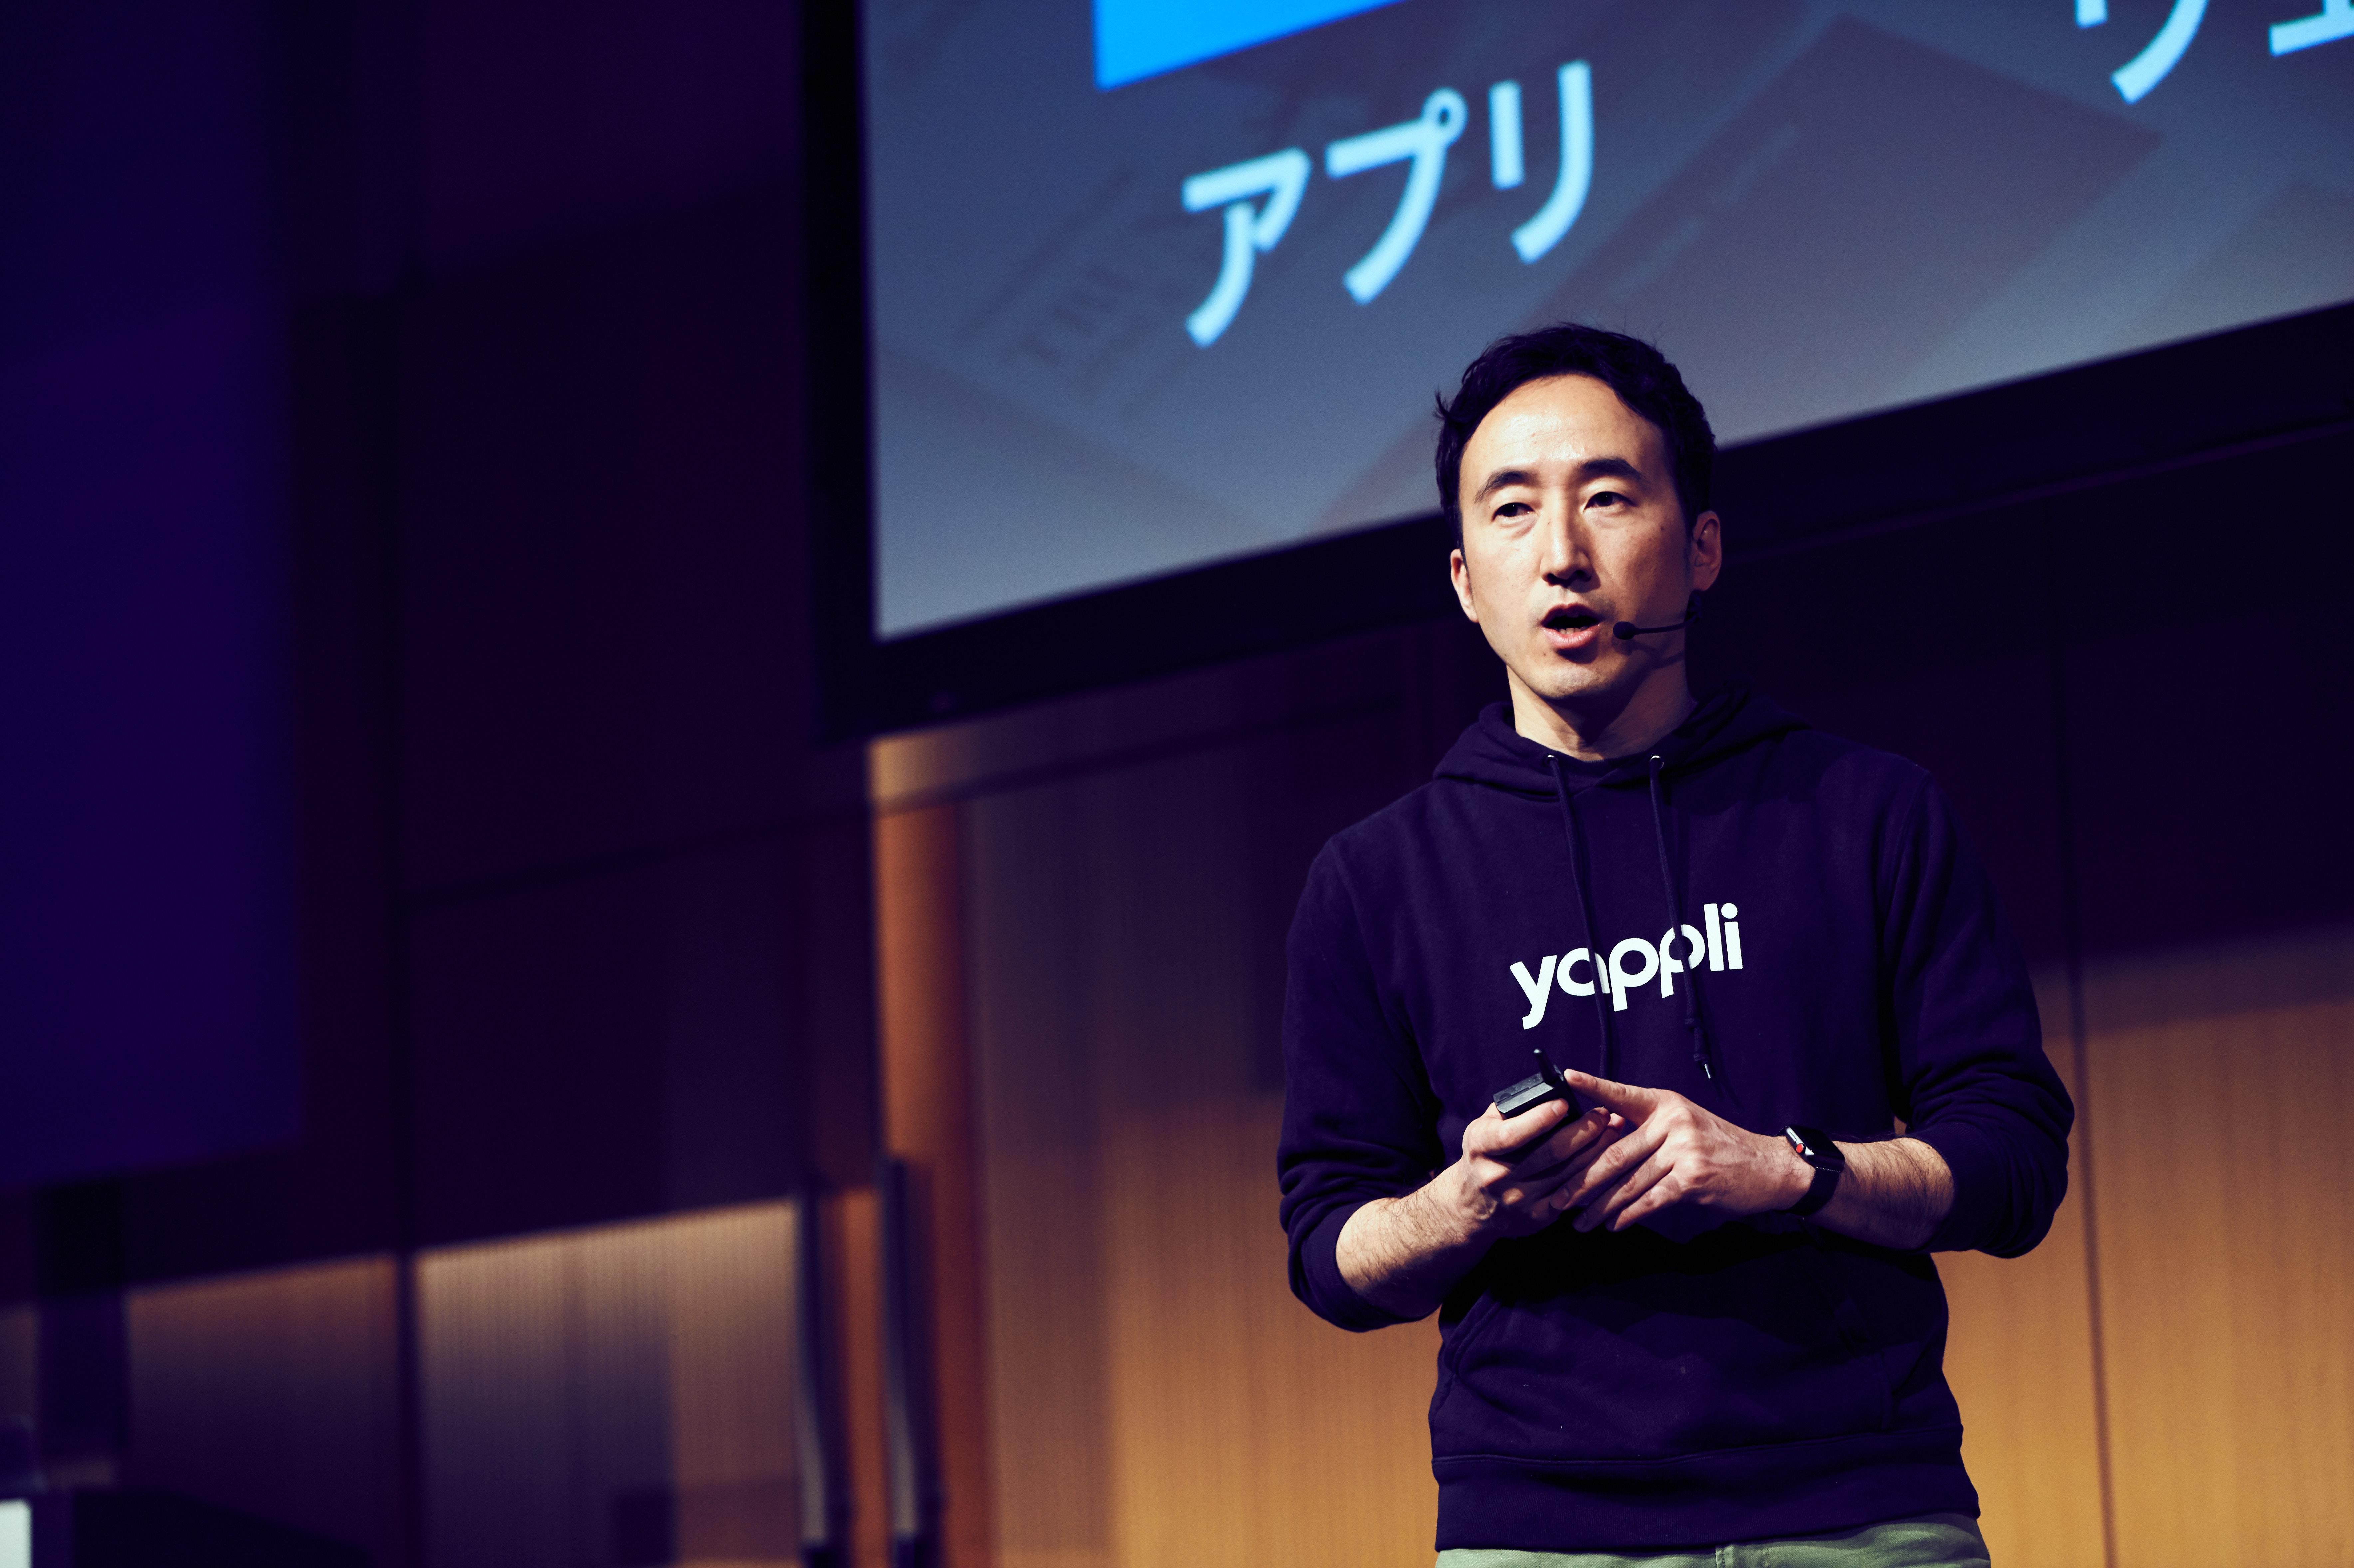 モバイルにおける顧客体験をアップデートするYappliの最新機能に注目